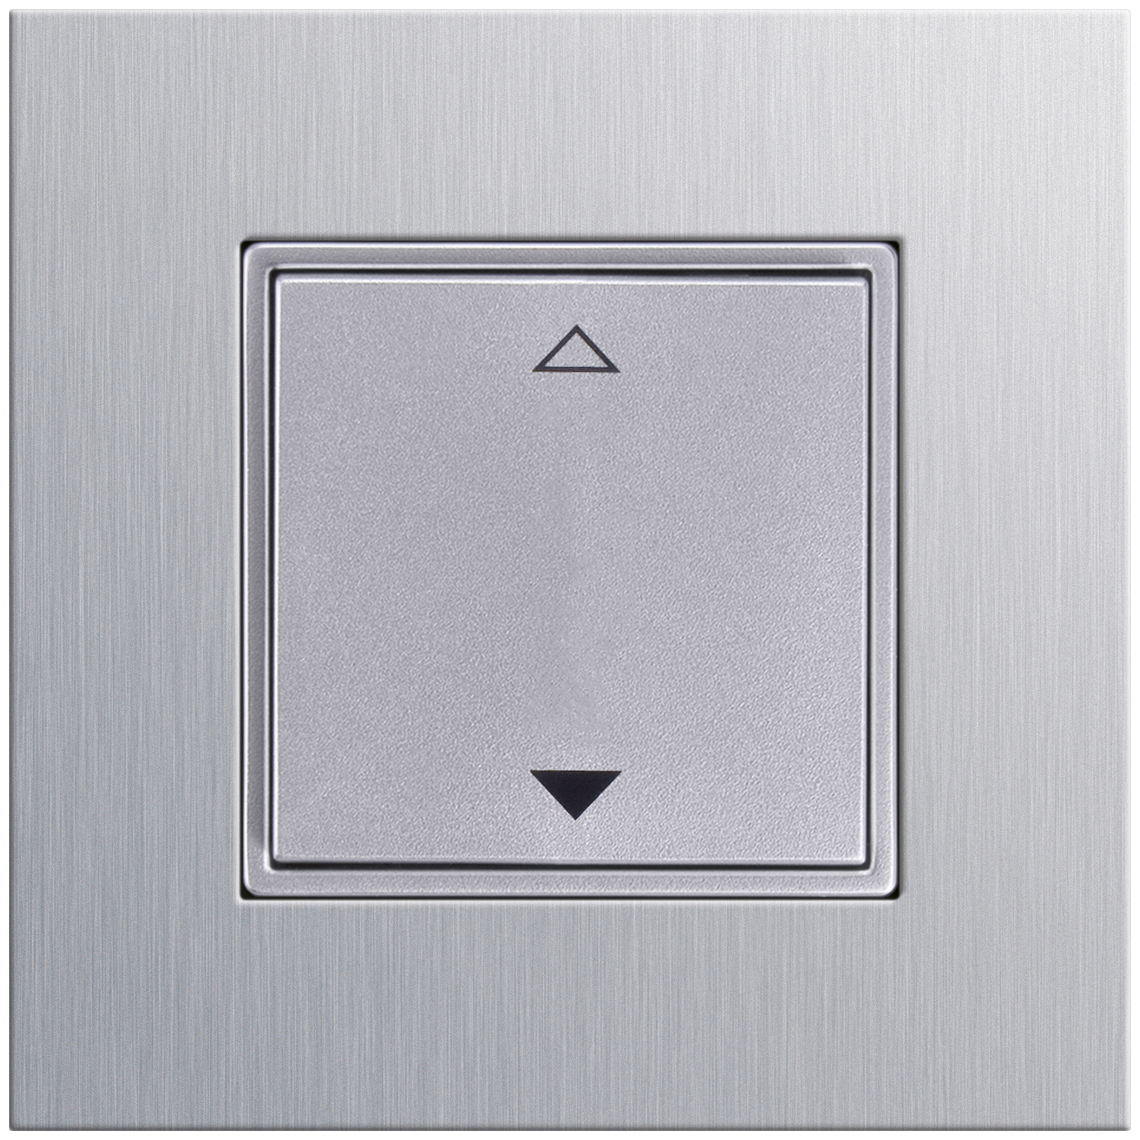 2-Kanal Jalousie Gira Esprit aluminium Produktbild